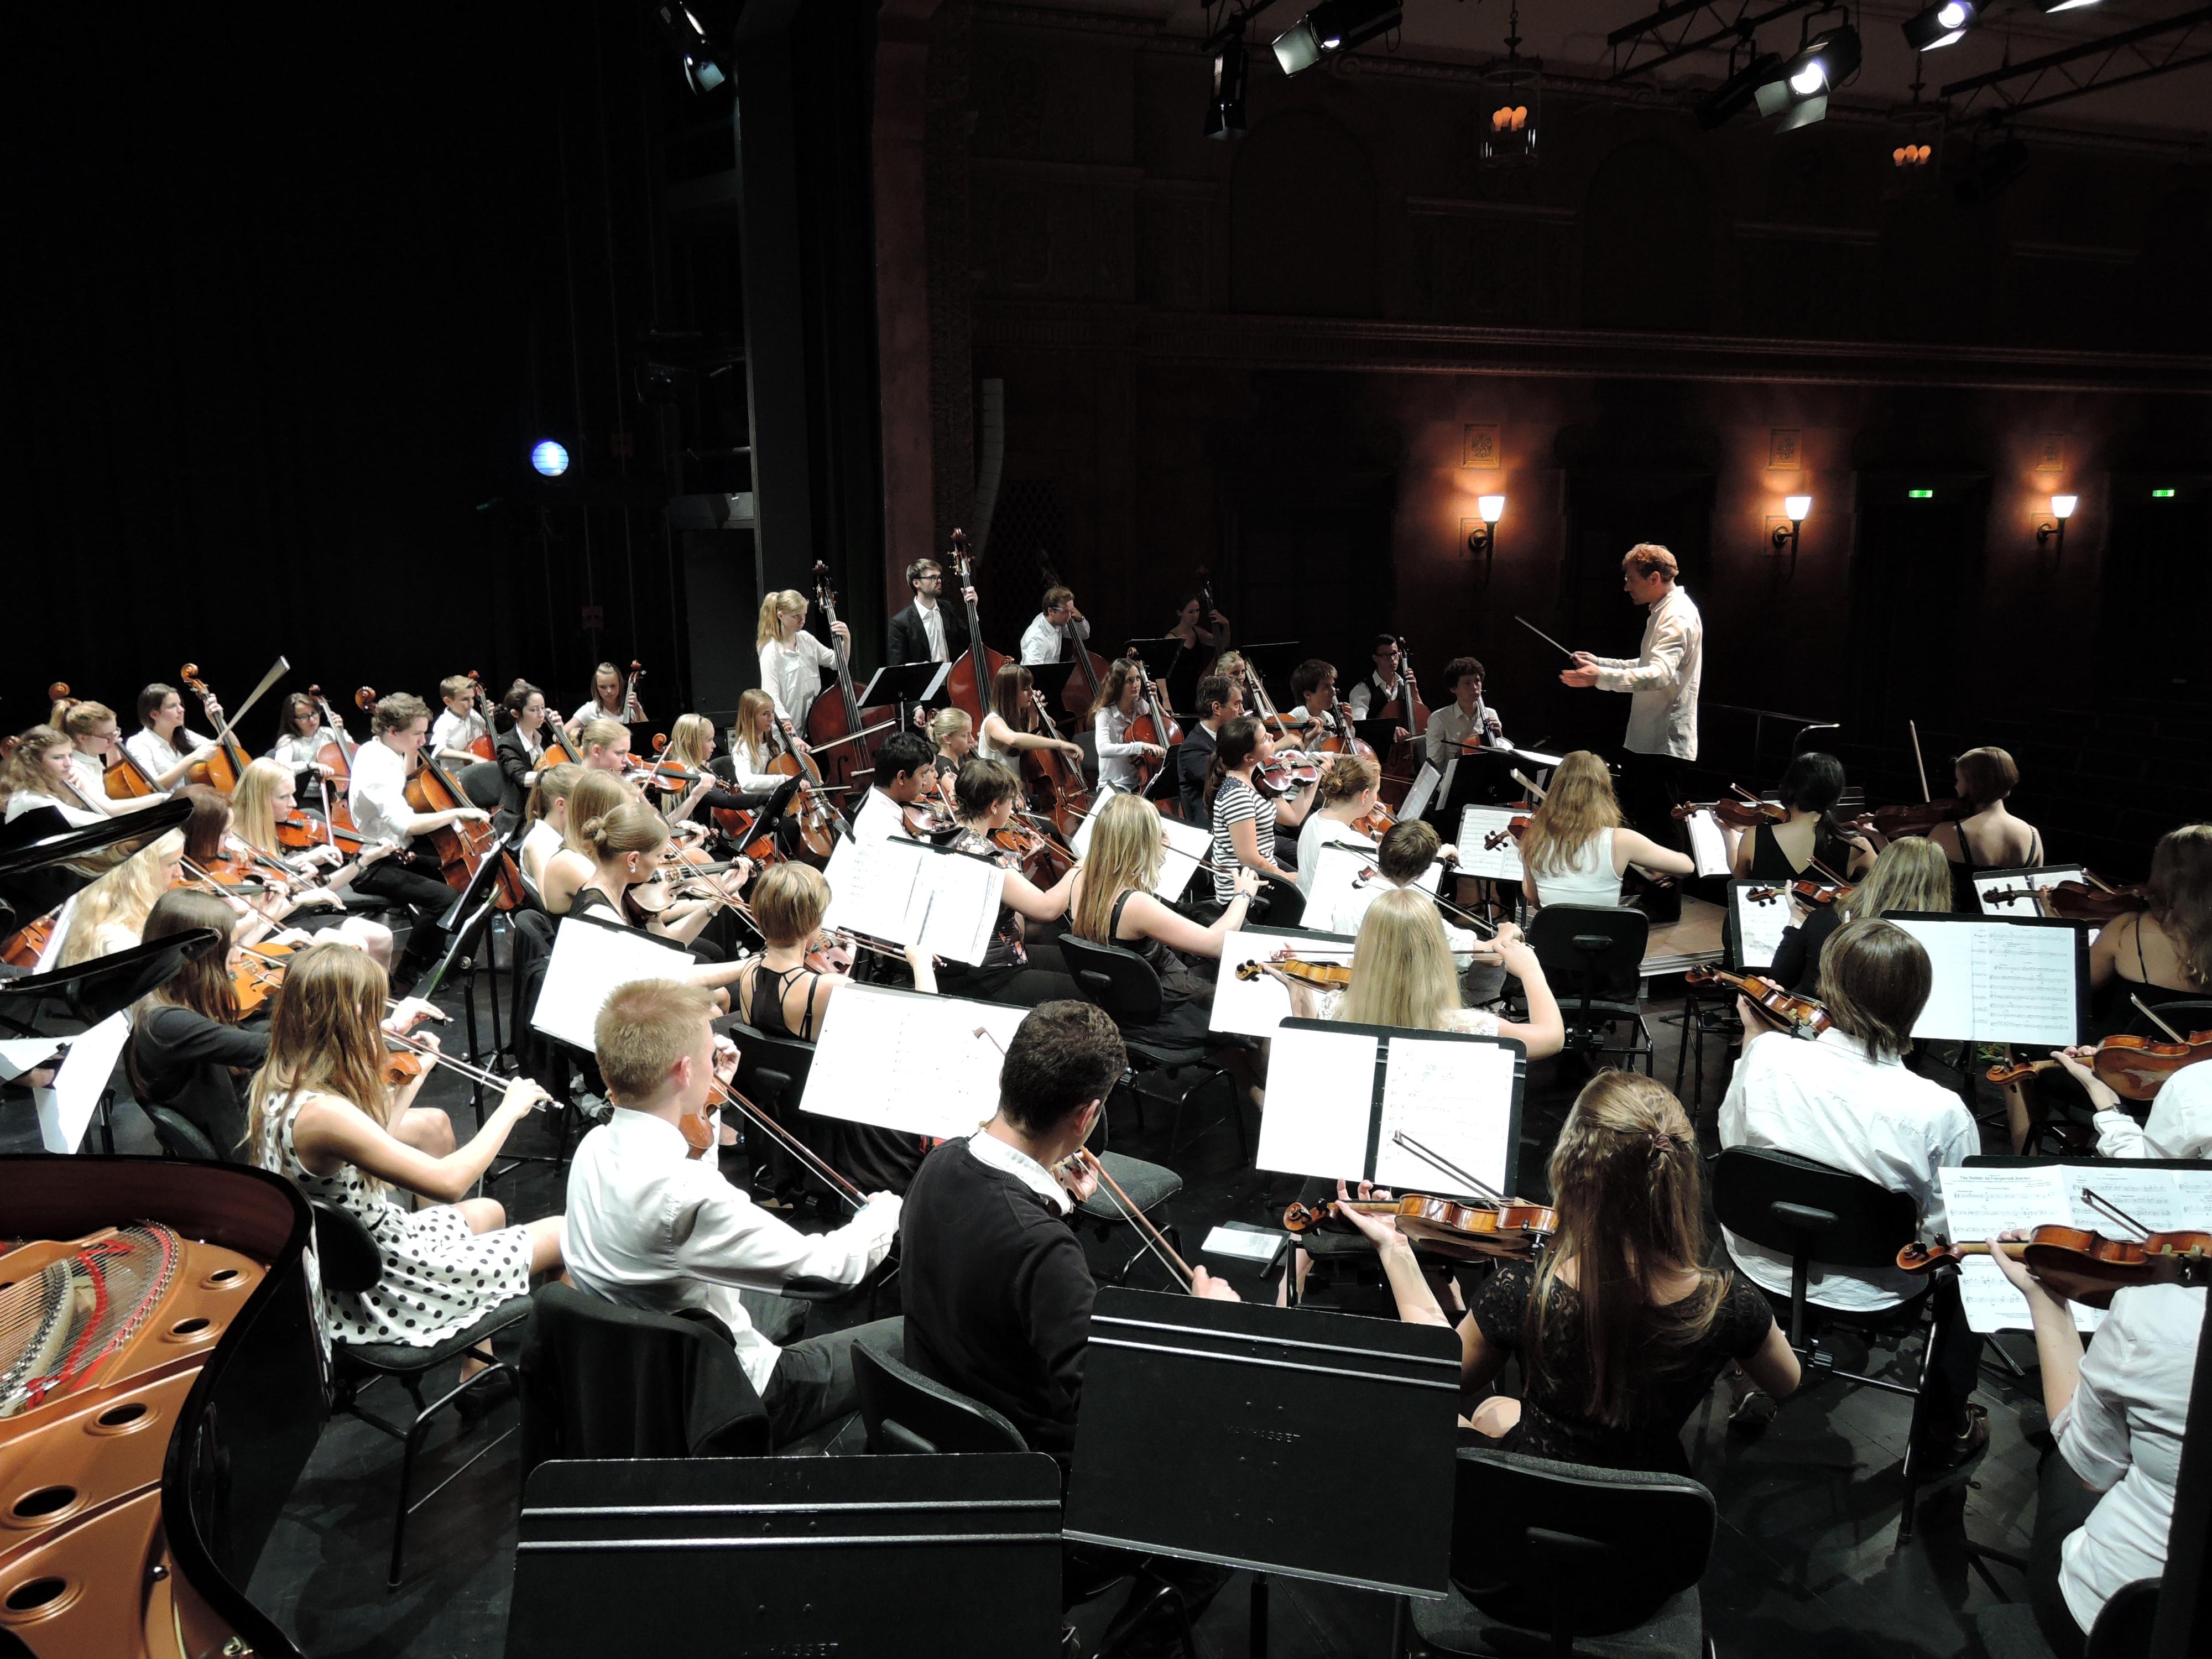 2014 - Foto VJI (Theater Uri5)